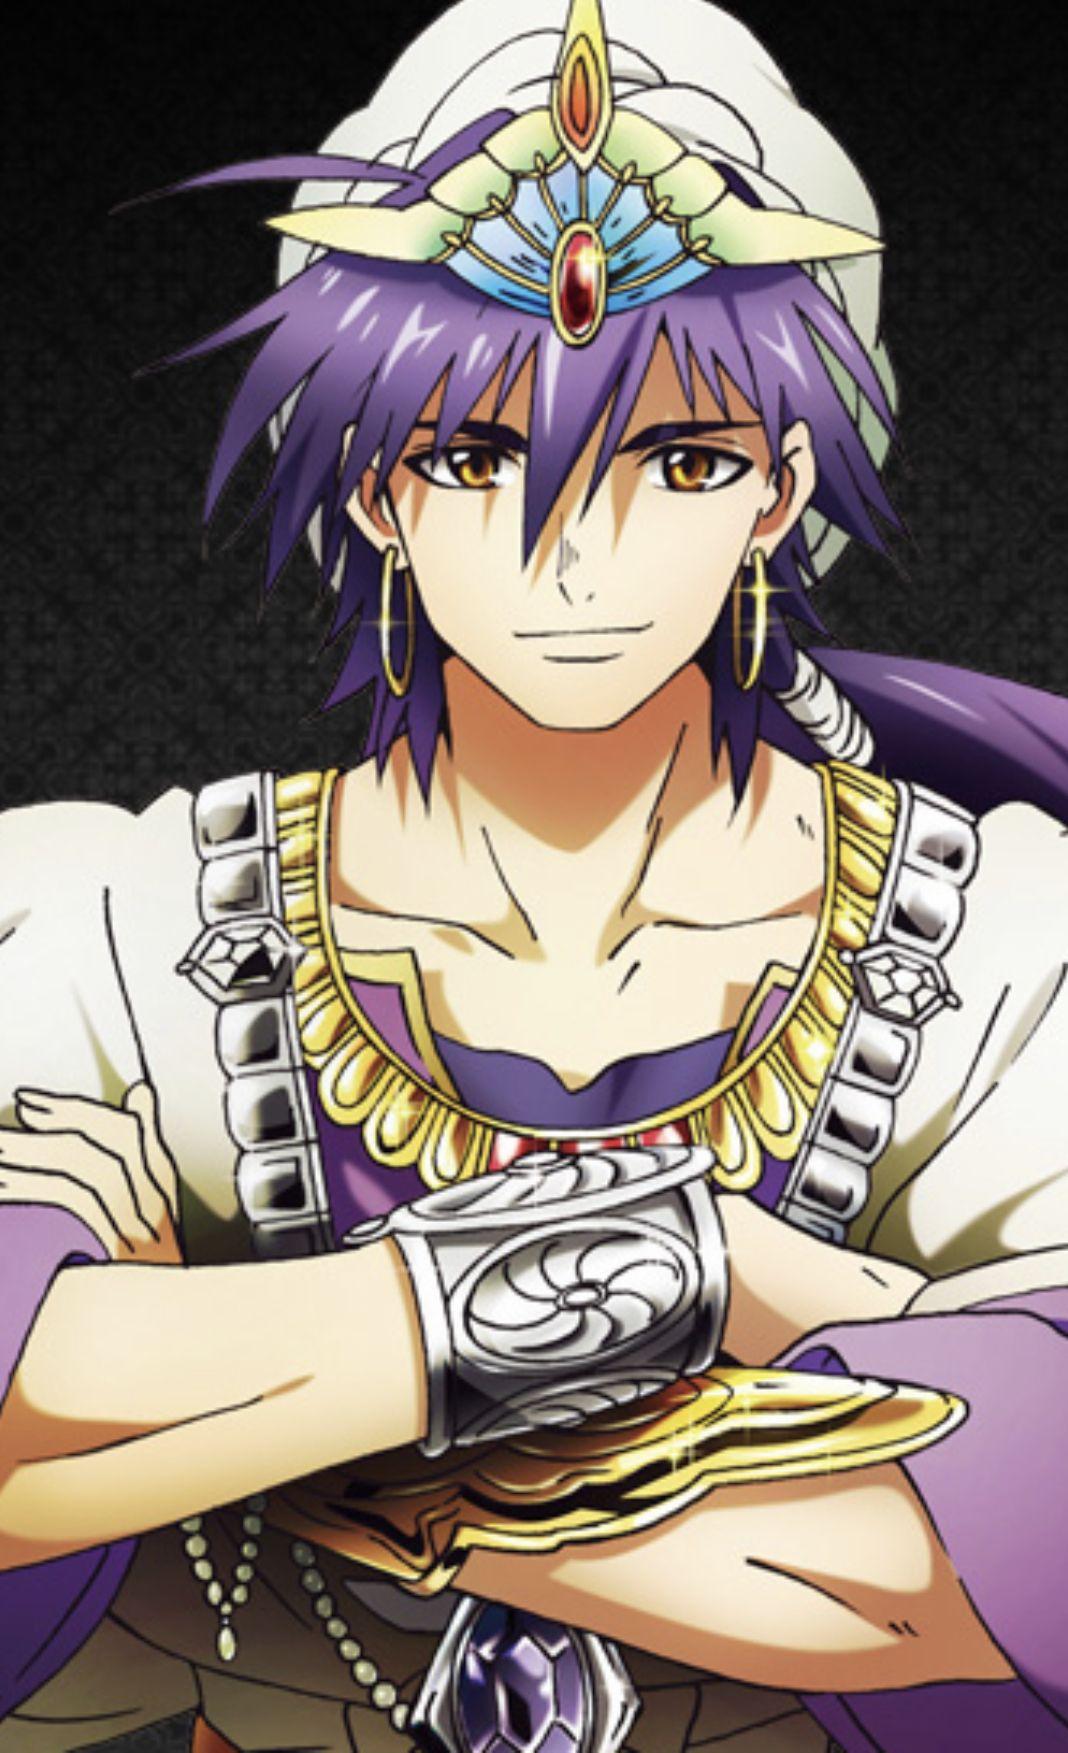 Adult Sinbad Anime magi, Sinbad magi, Anime guys